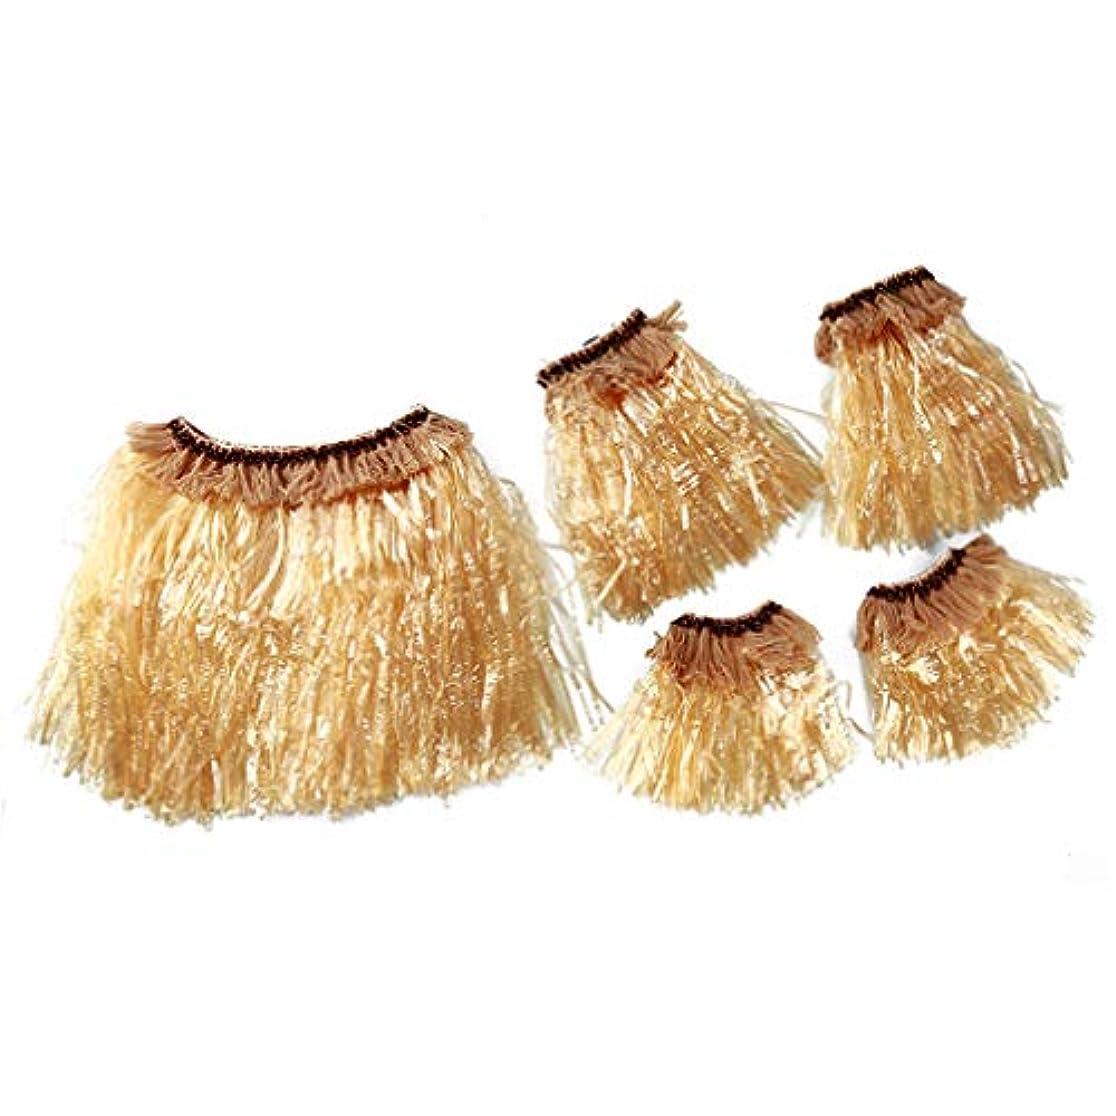 呪いビリーヤギミルNoonlity ハワイアン スカート ブレスレット サマー 純色 ハワイ風飾り デコレーション コスチューム 衣装 大人用 わら色